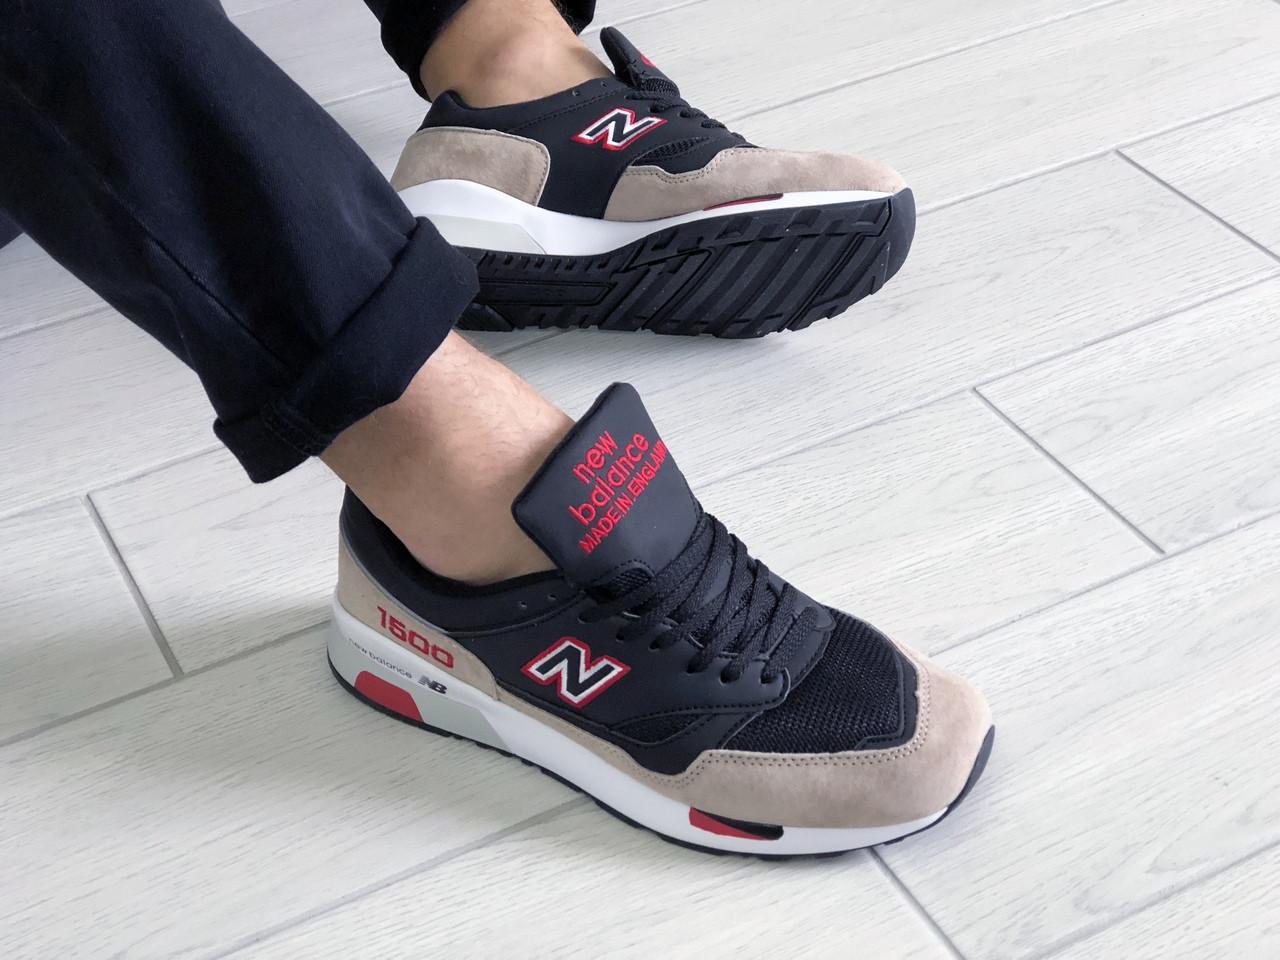 Кроссовки мужские в стиле 9113 New Balance 1500 чорні з бежевим\червоні